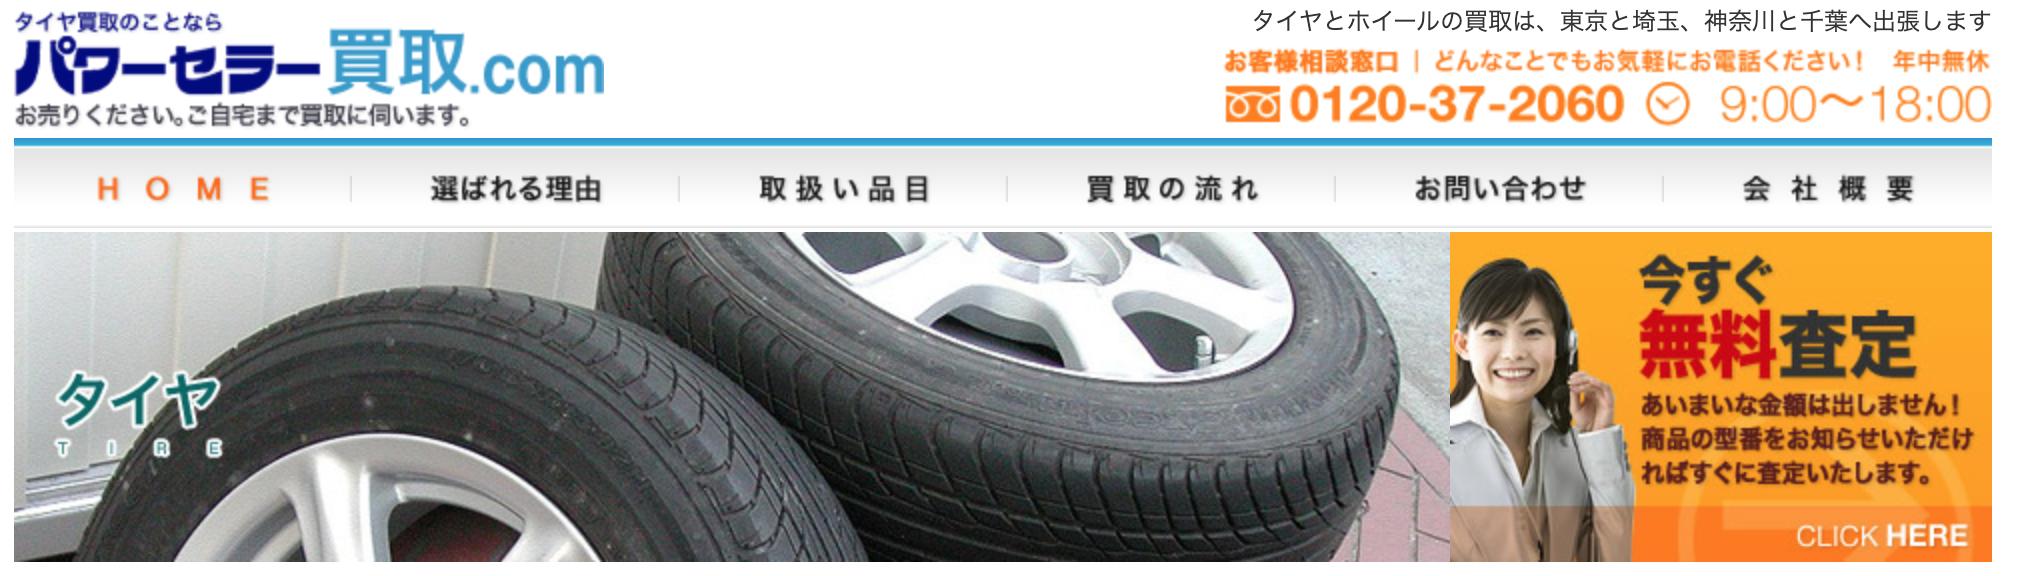 パワーセラ買取.com